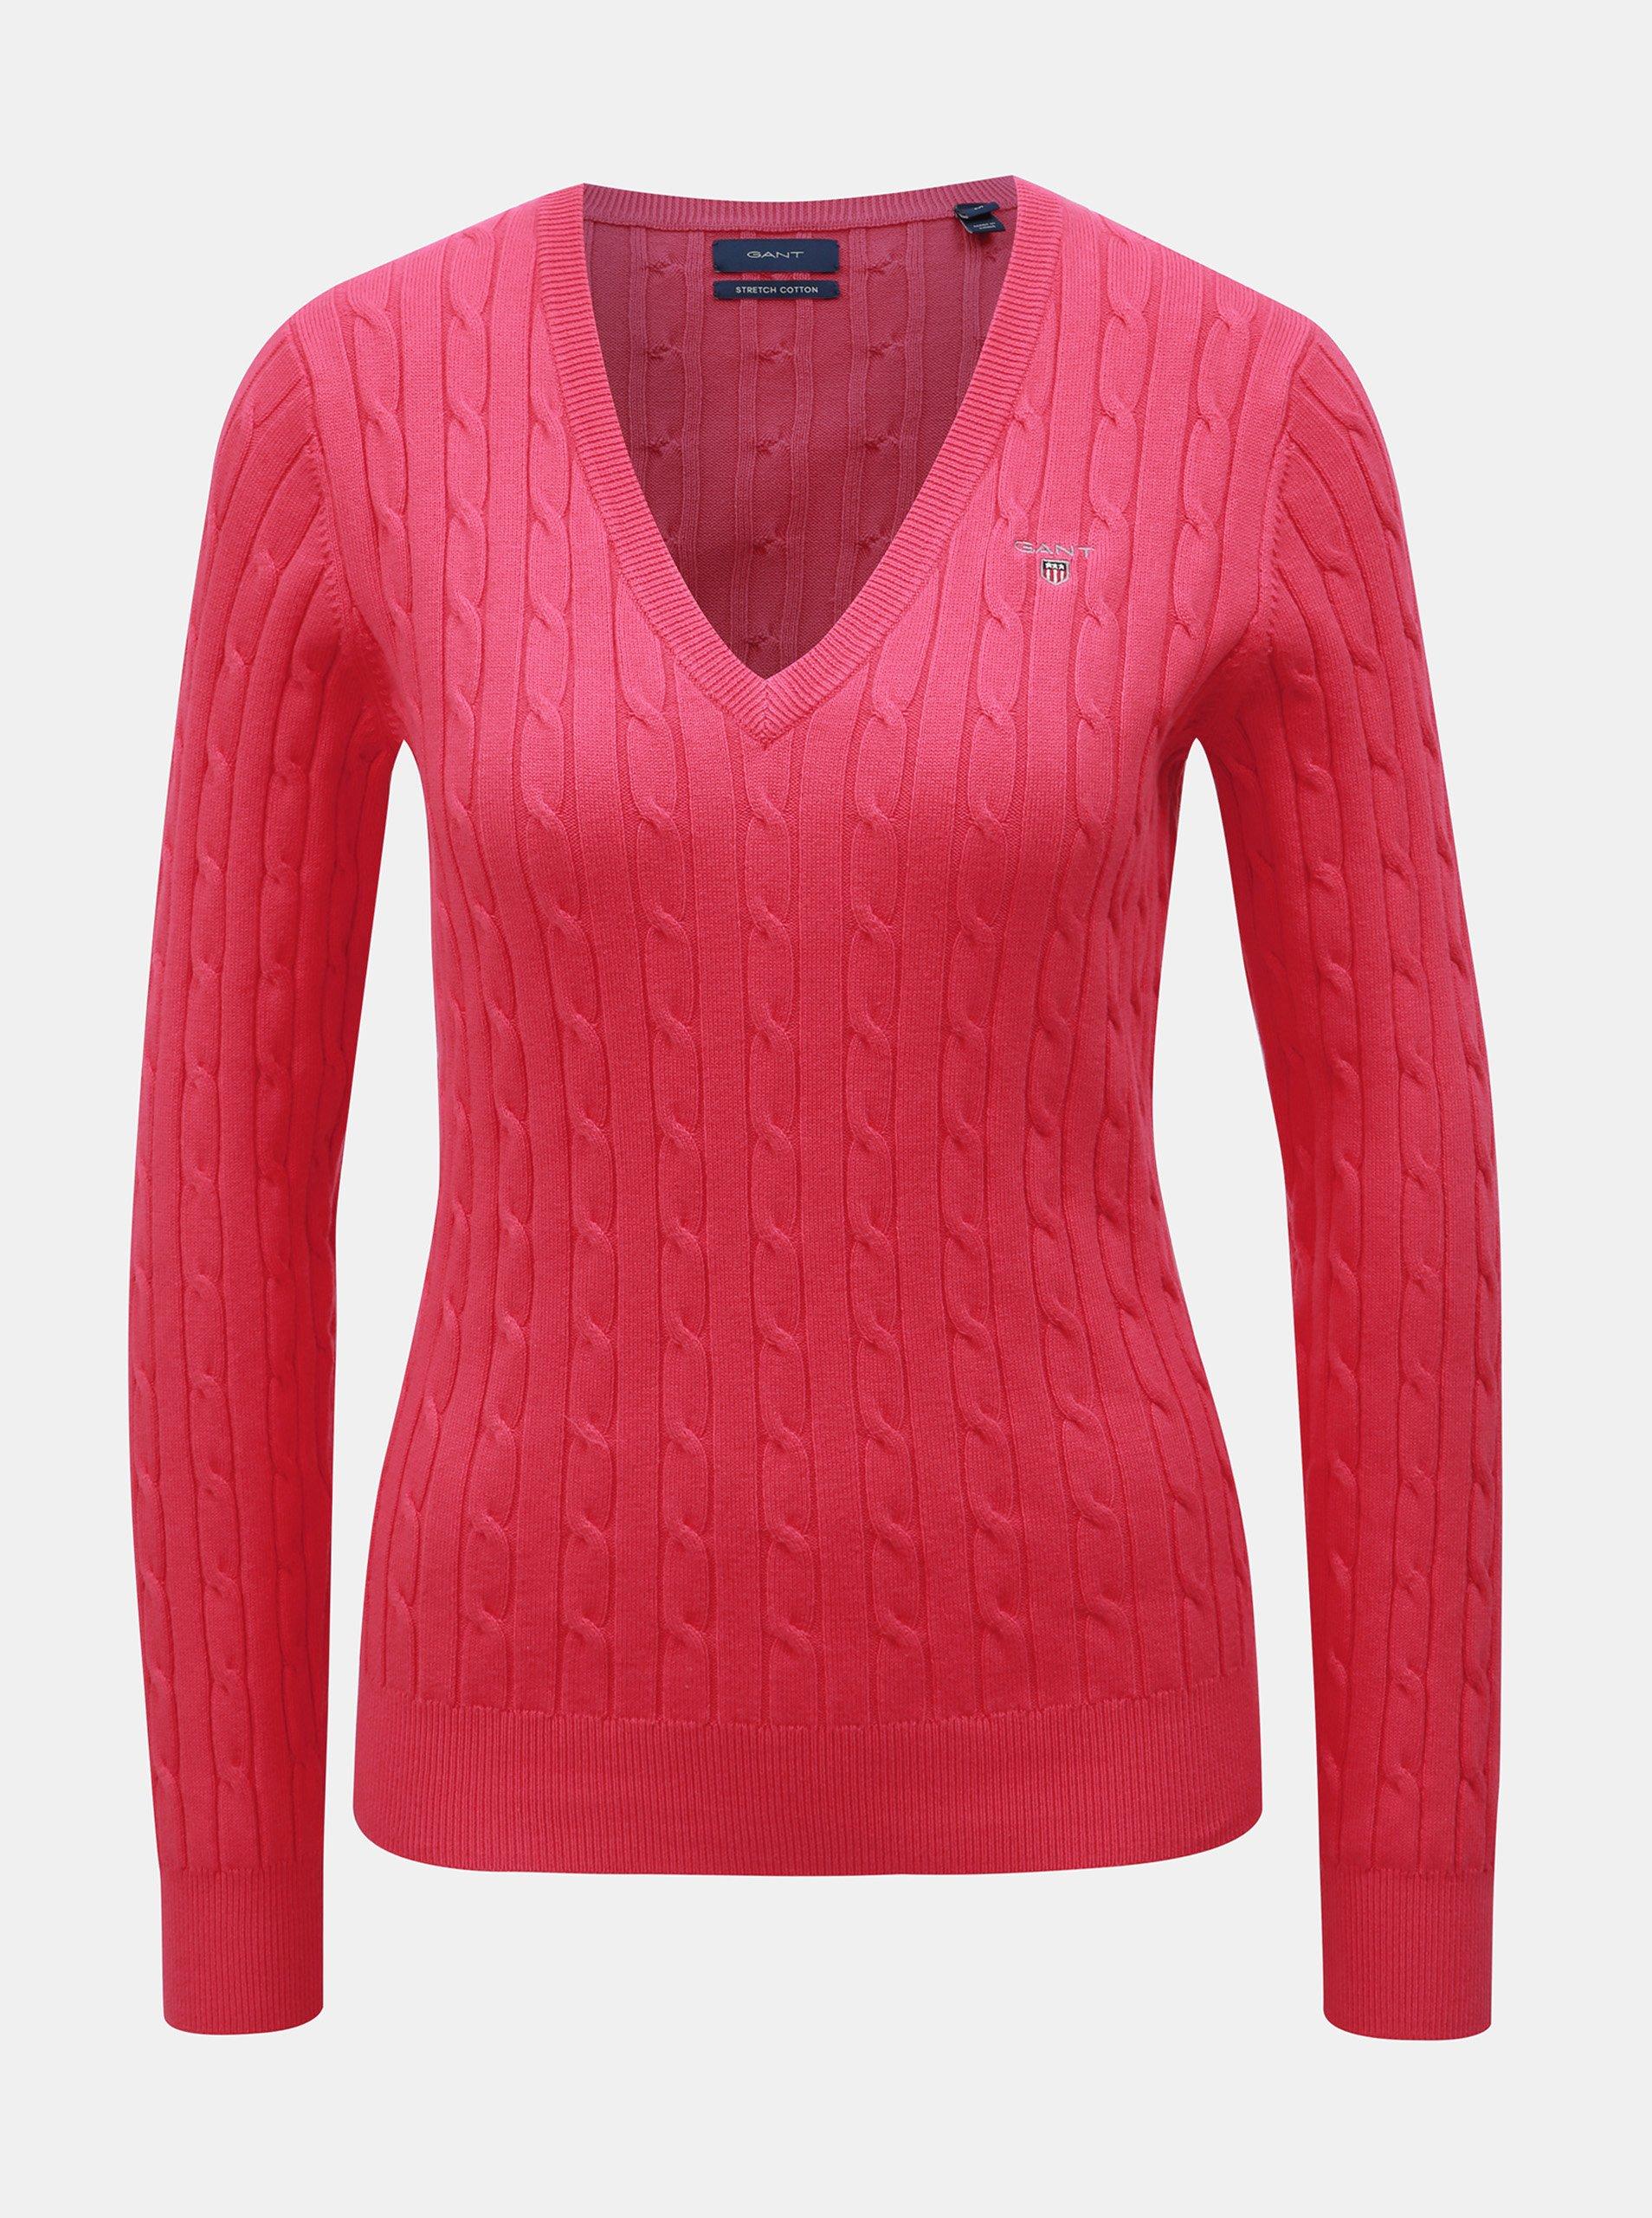 673e3a4e82d4 Luxusni damsky svetr ruzovy damsky svetr